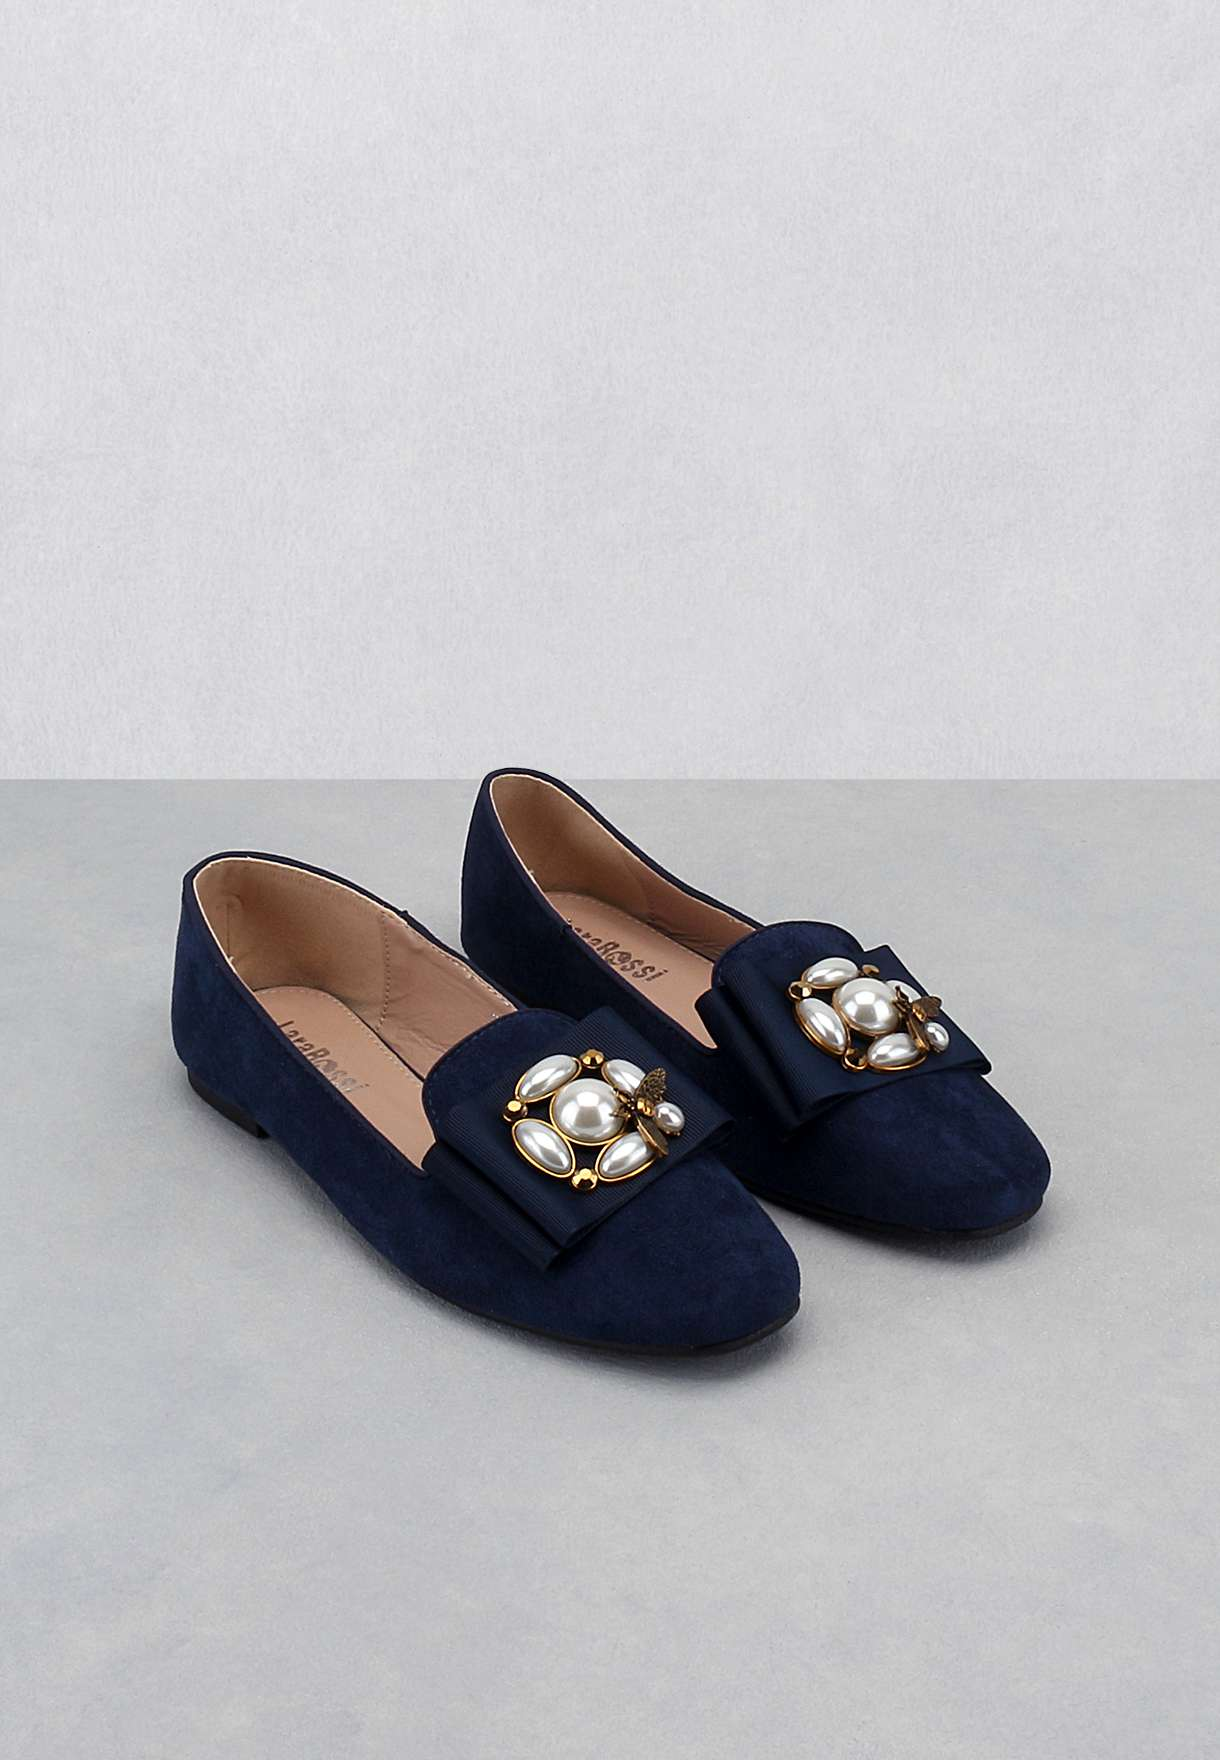 Women's Flat Shoes